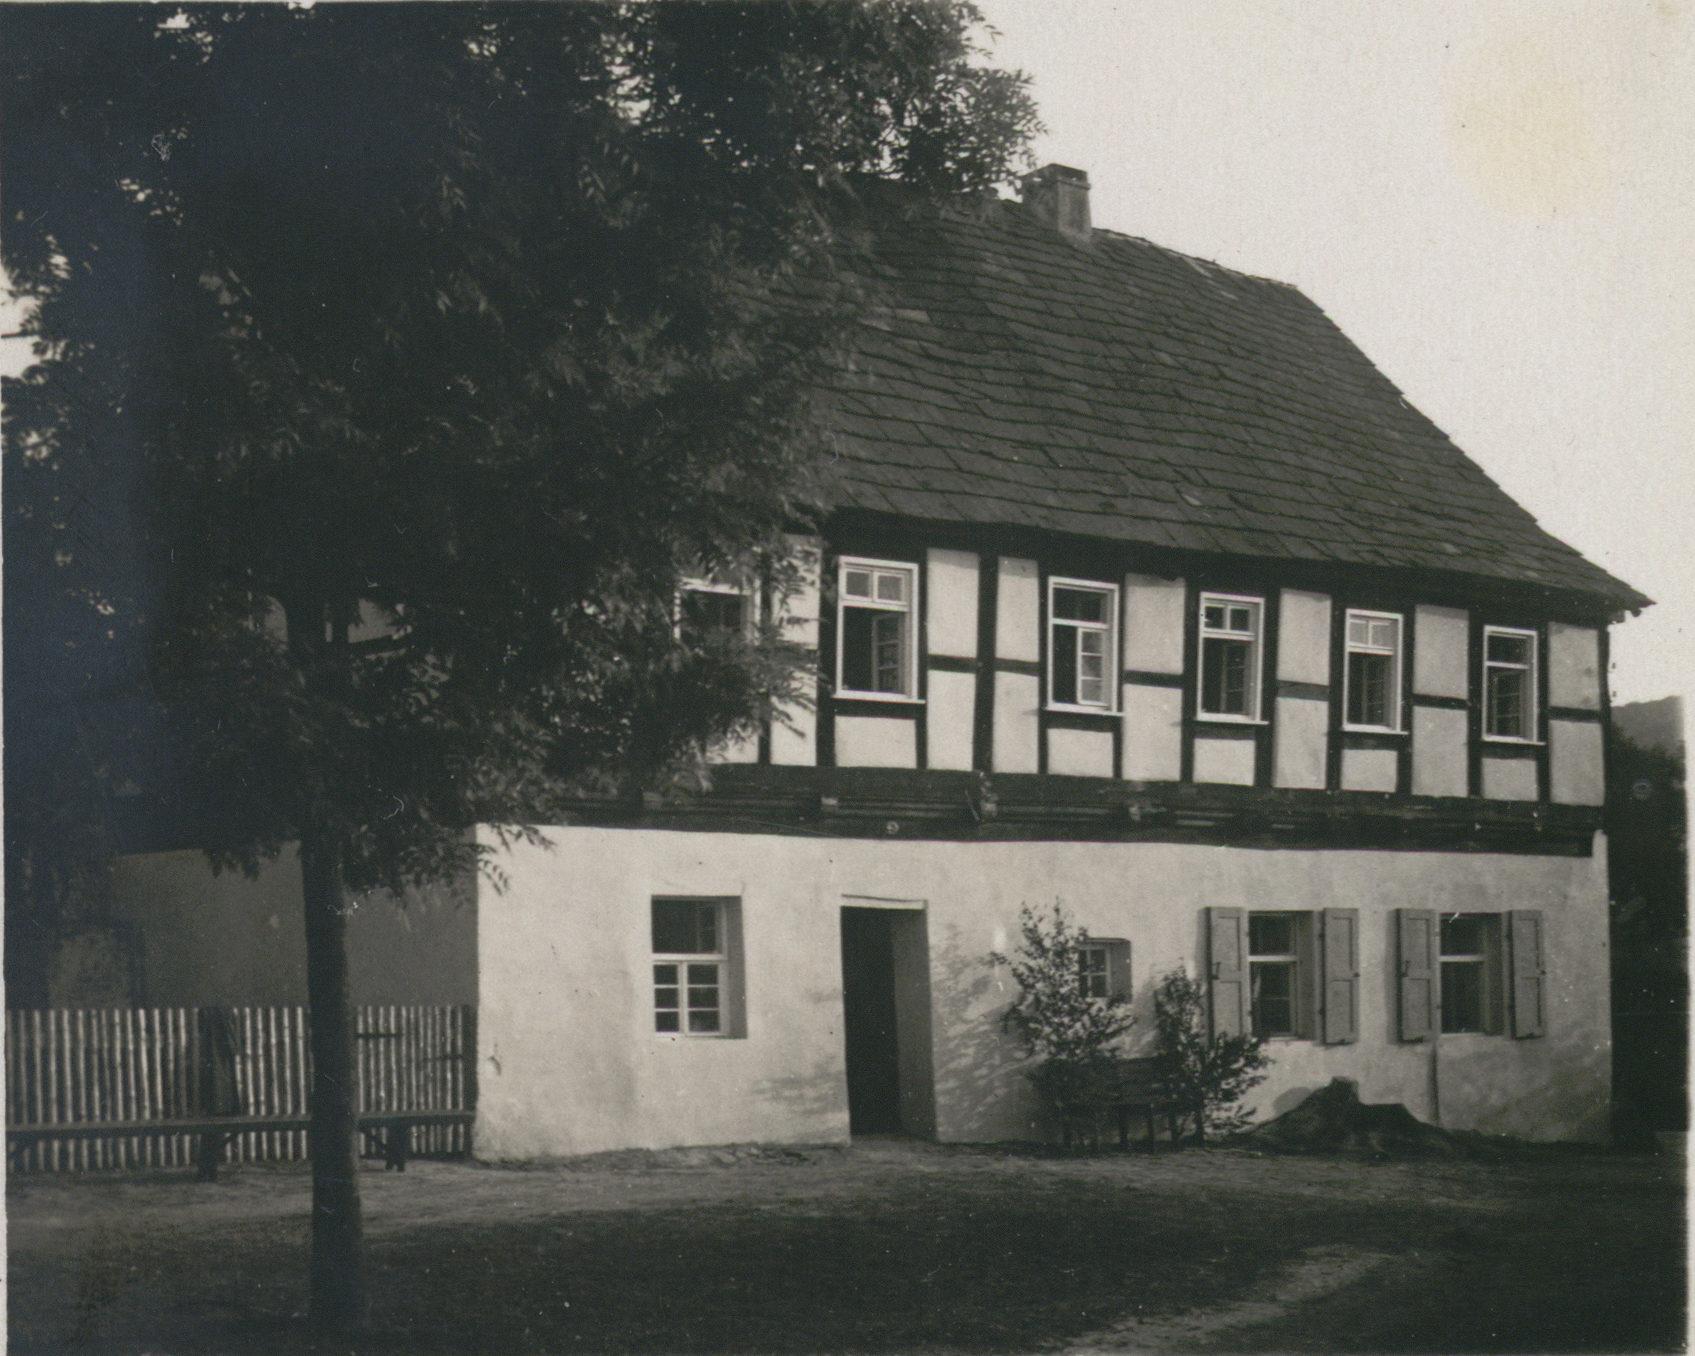 Das Landheim in Lippoldsberg in den 1930er Jahren. Quelle: Reproduktion der SUB Göttingen Handschriften und Seltene Drucke: Cod. Ms. H. Nohl 752: 5; Bild 11.